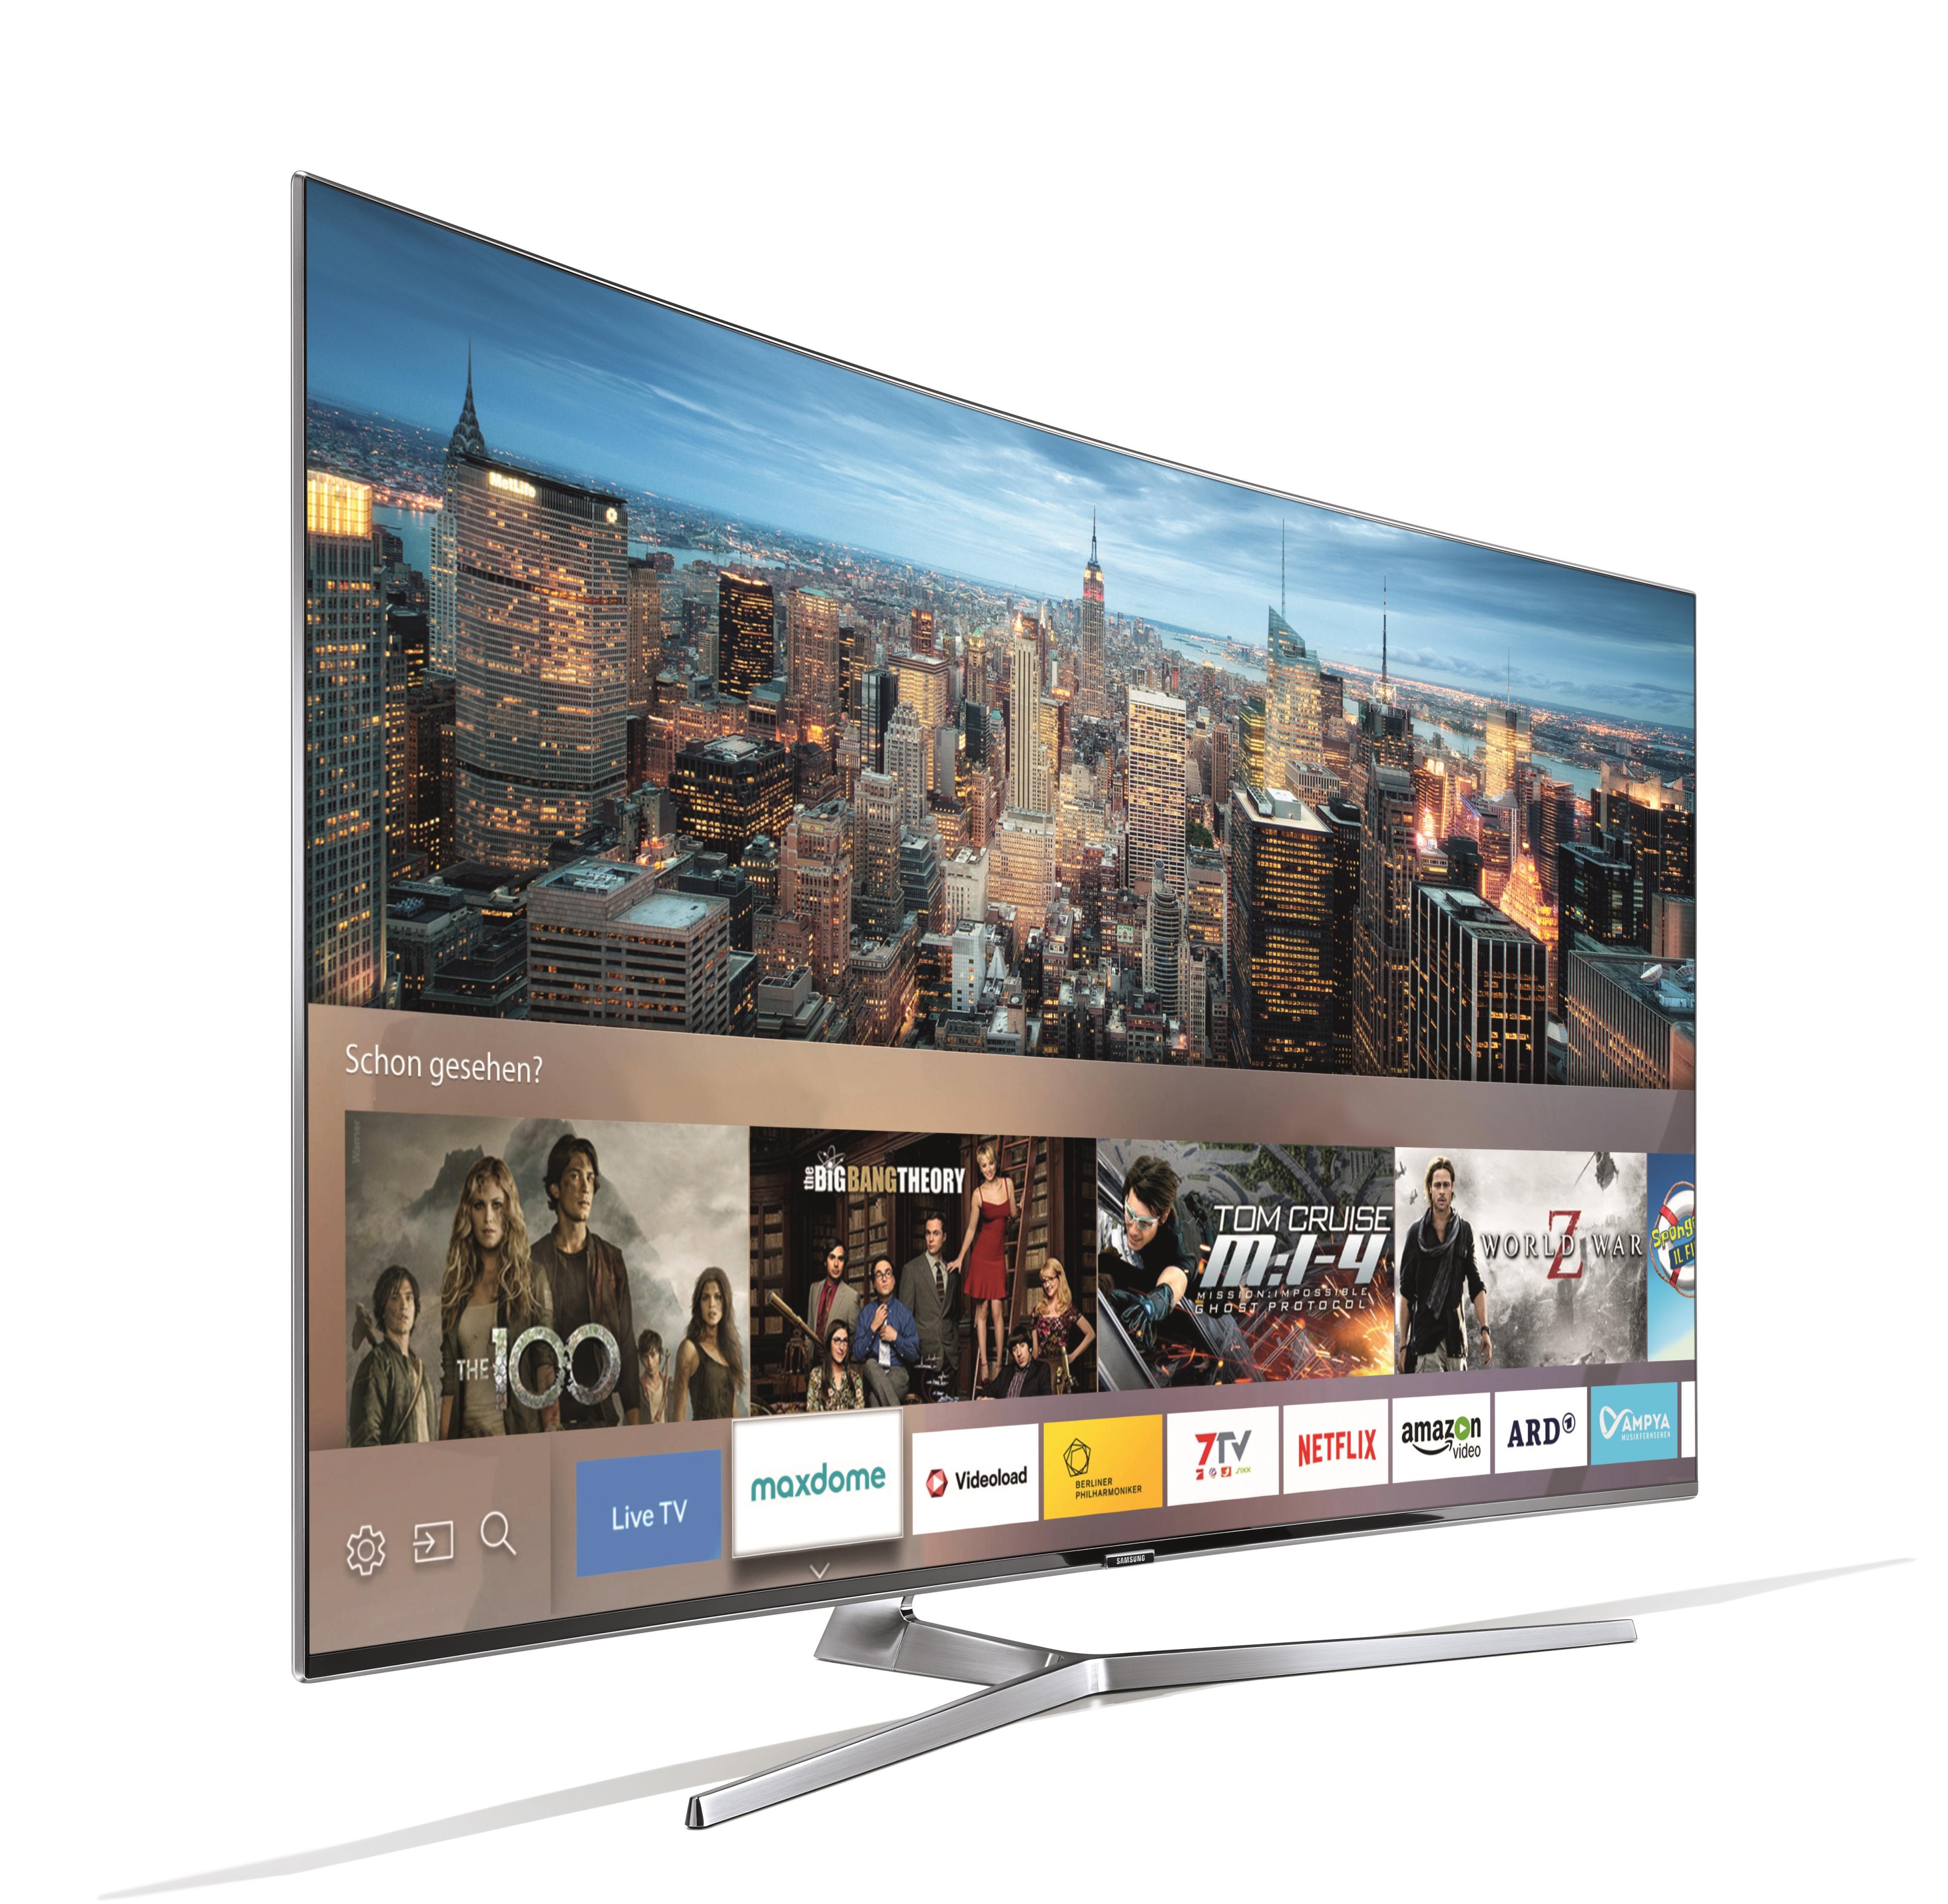 High Quality Auszeichnung Für Den Samsung Curved SUHD TV Mit Quantum Dot UE55KS9090: Im  Test Vergeben Die Pictures